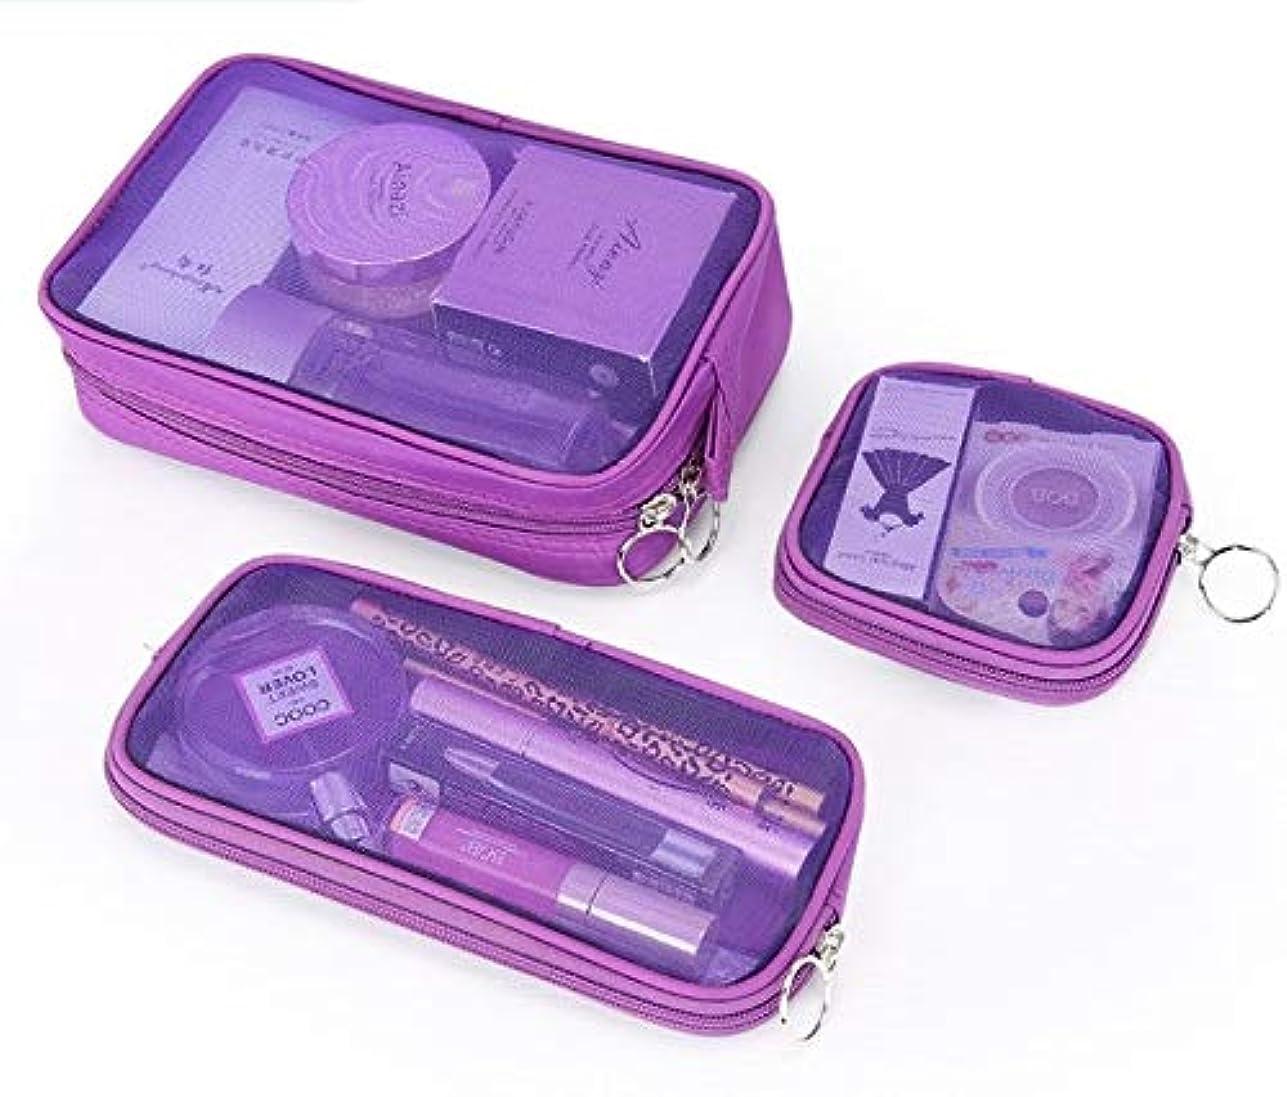 真実中毒練る化粧箱、3の透明メッシュ化粧品袋セット、ポータブル旅行化粧品袋収納袋、美容ネイルジュエリー収納ボックス (Color : Purple)